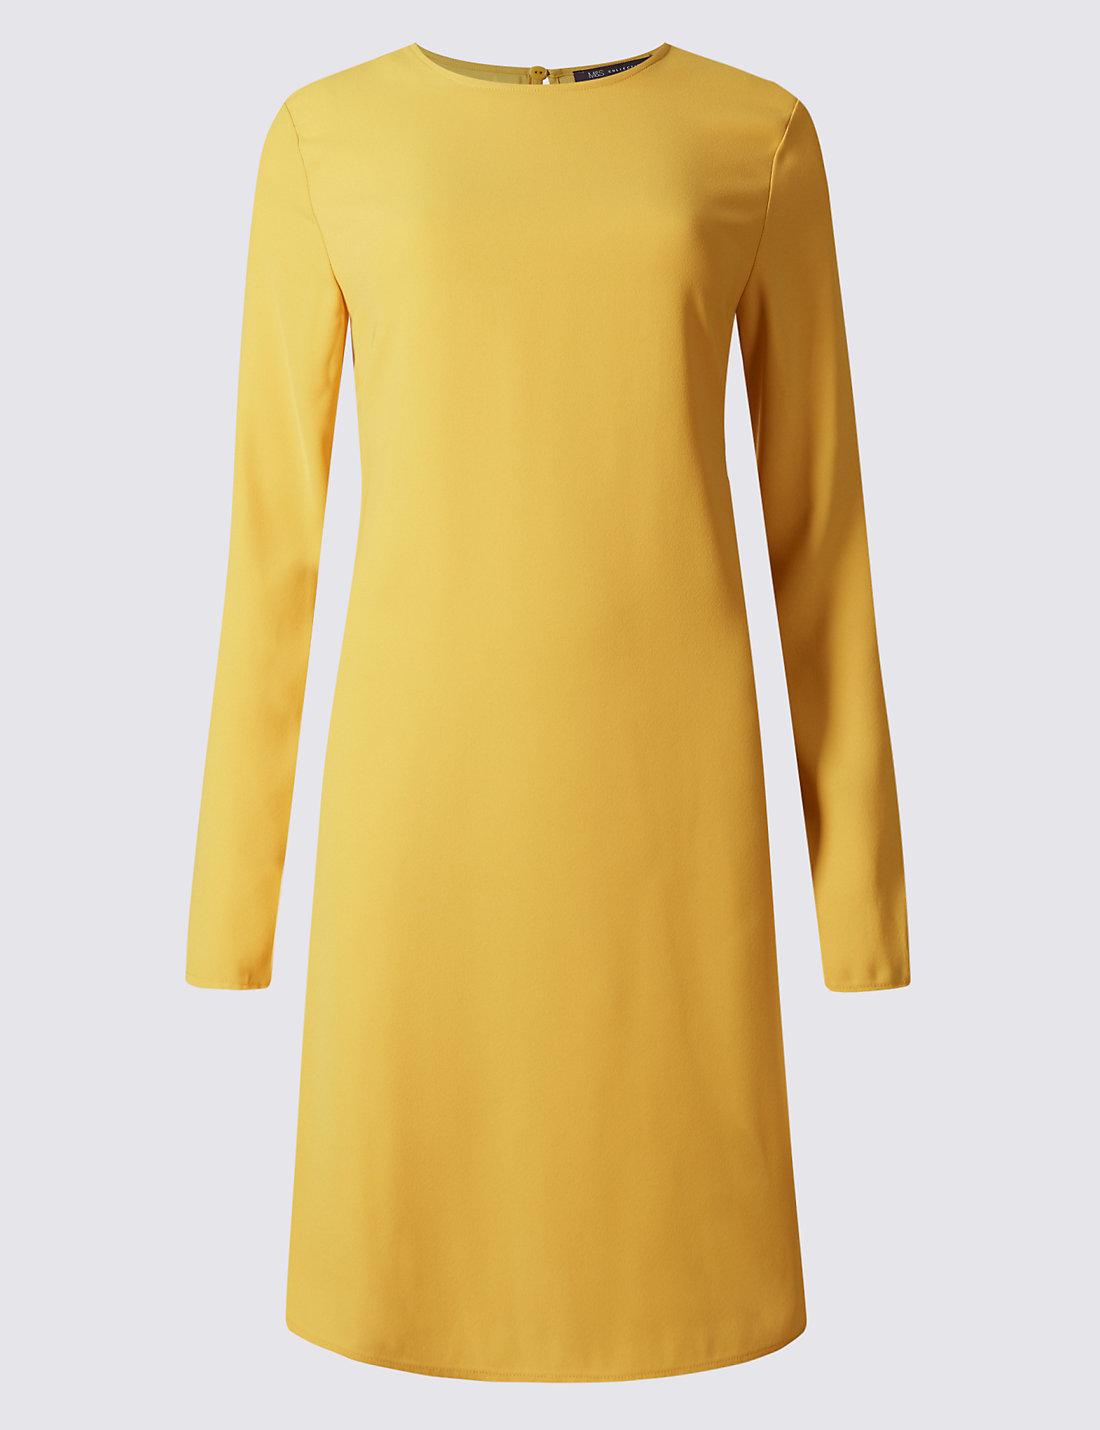 Woven Long Sleeve Swing Dress | M&S